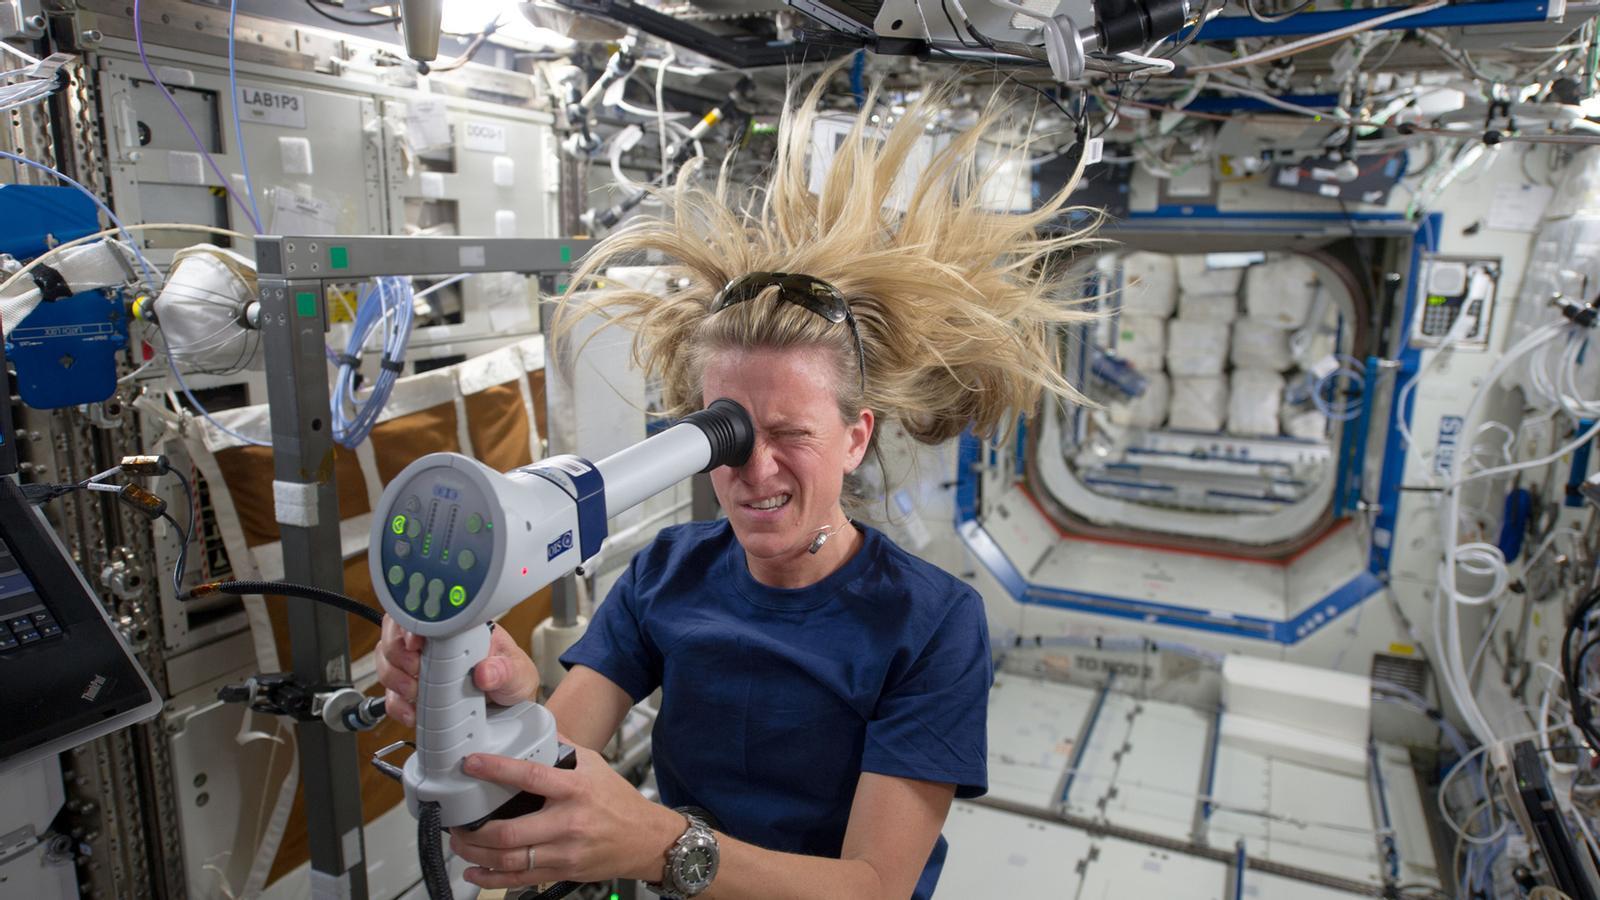 Els tres consells d'un astronauta per viure en confinament: les claus del dia, amb Antoni Bassas (21/03/2020)